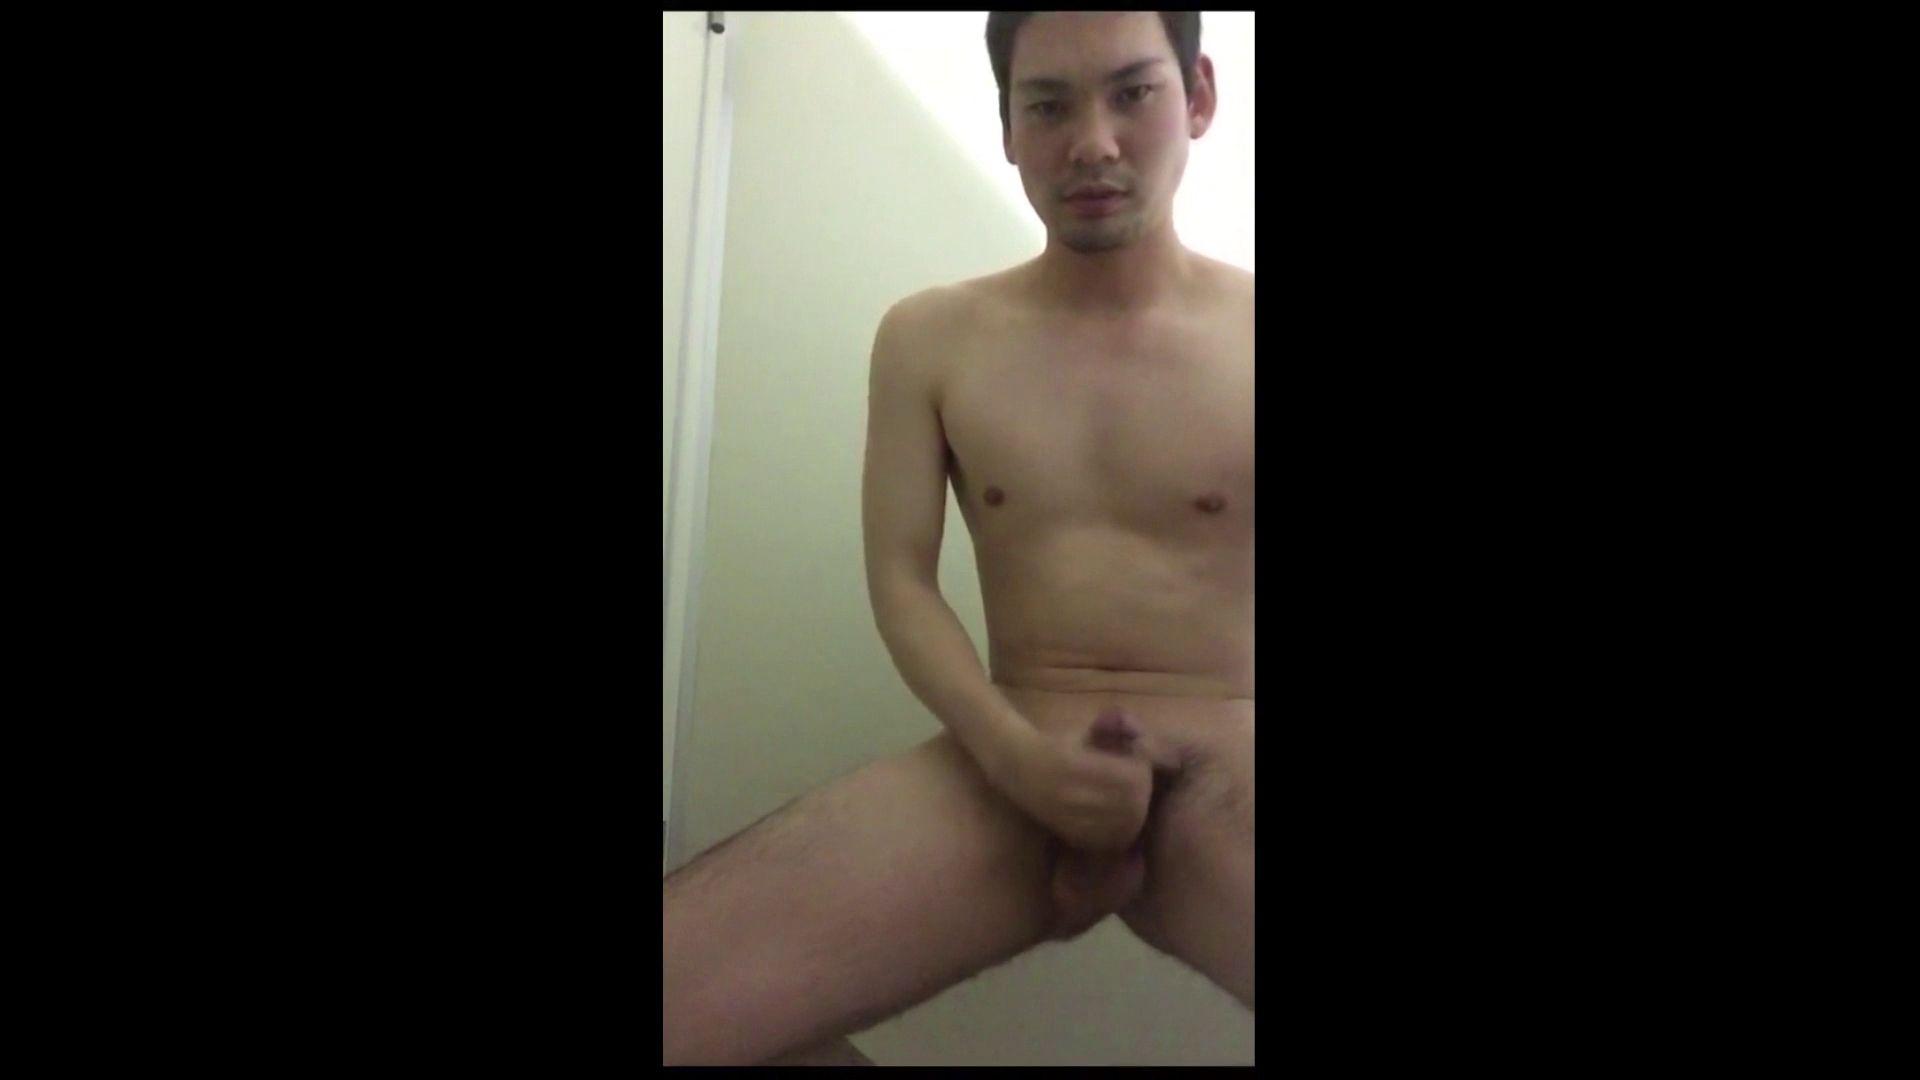 個人撮影 自慰の極意 Vol.3 ゲイのオナニー映像  55枚 48